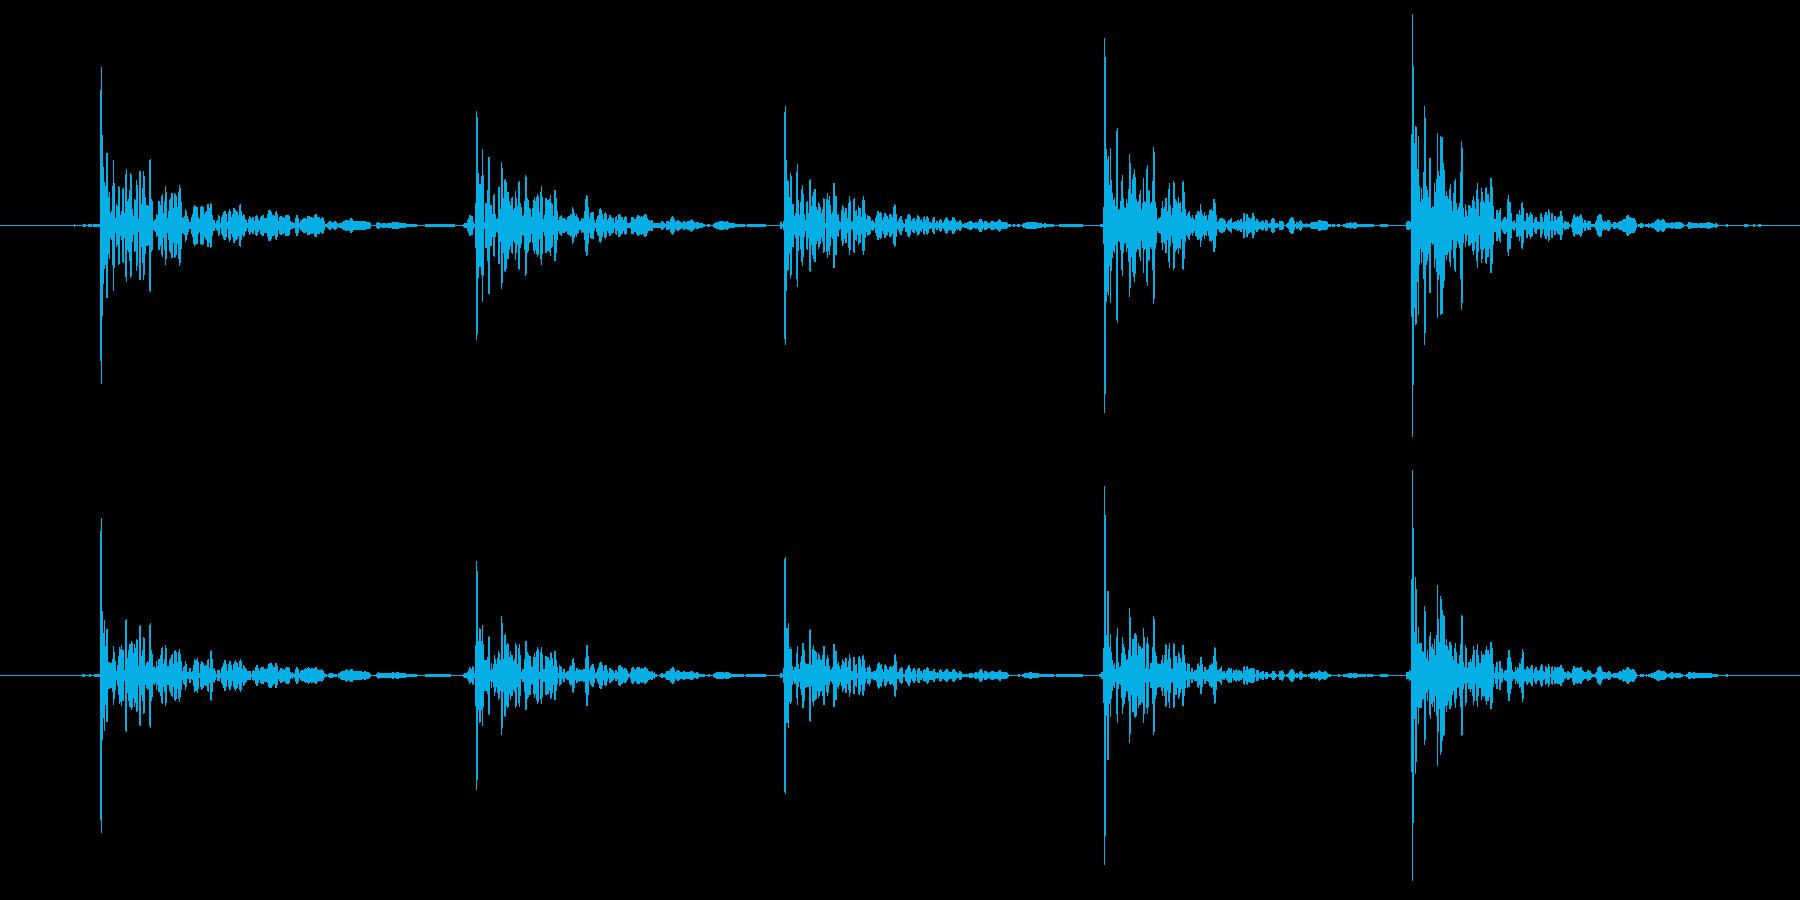 恐怖シリーズ5.ノック音(木製5回)の再生済みの波形